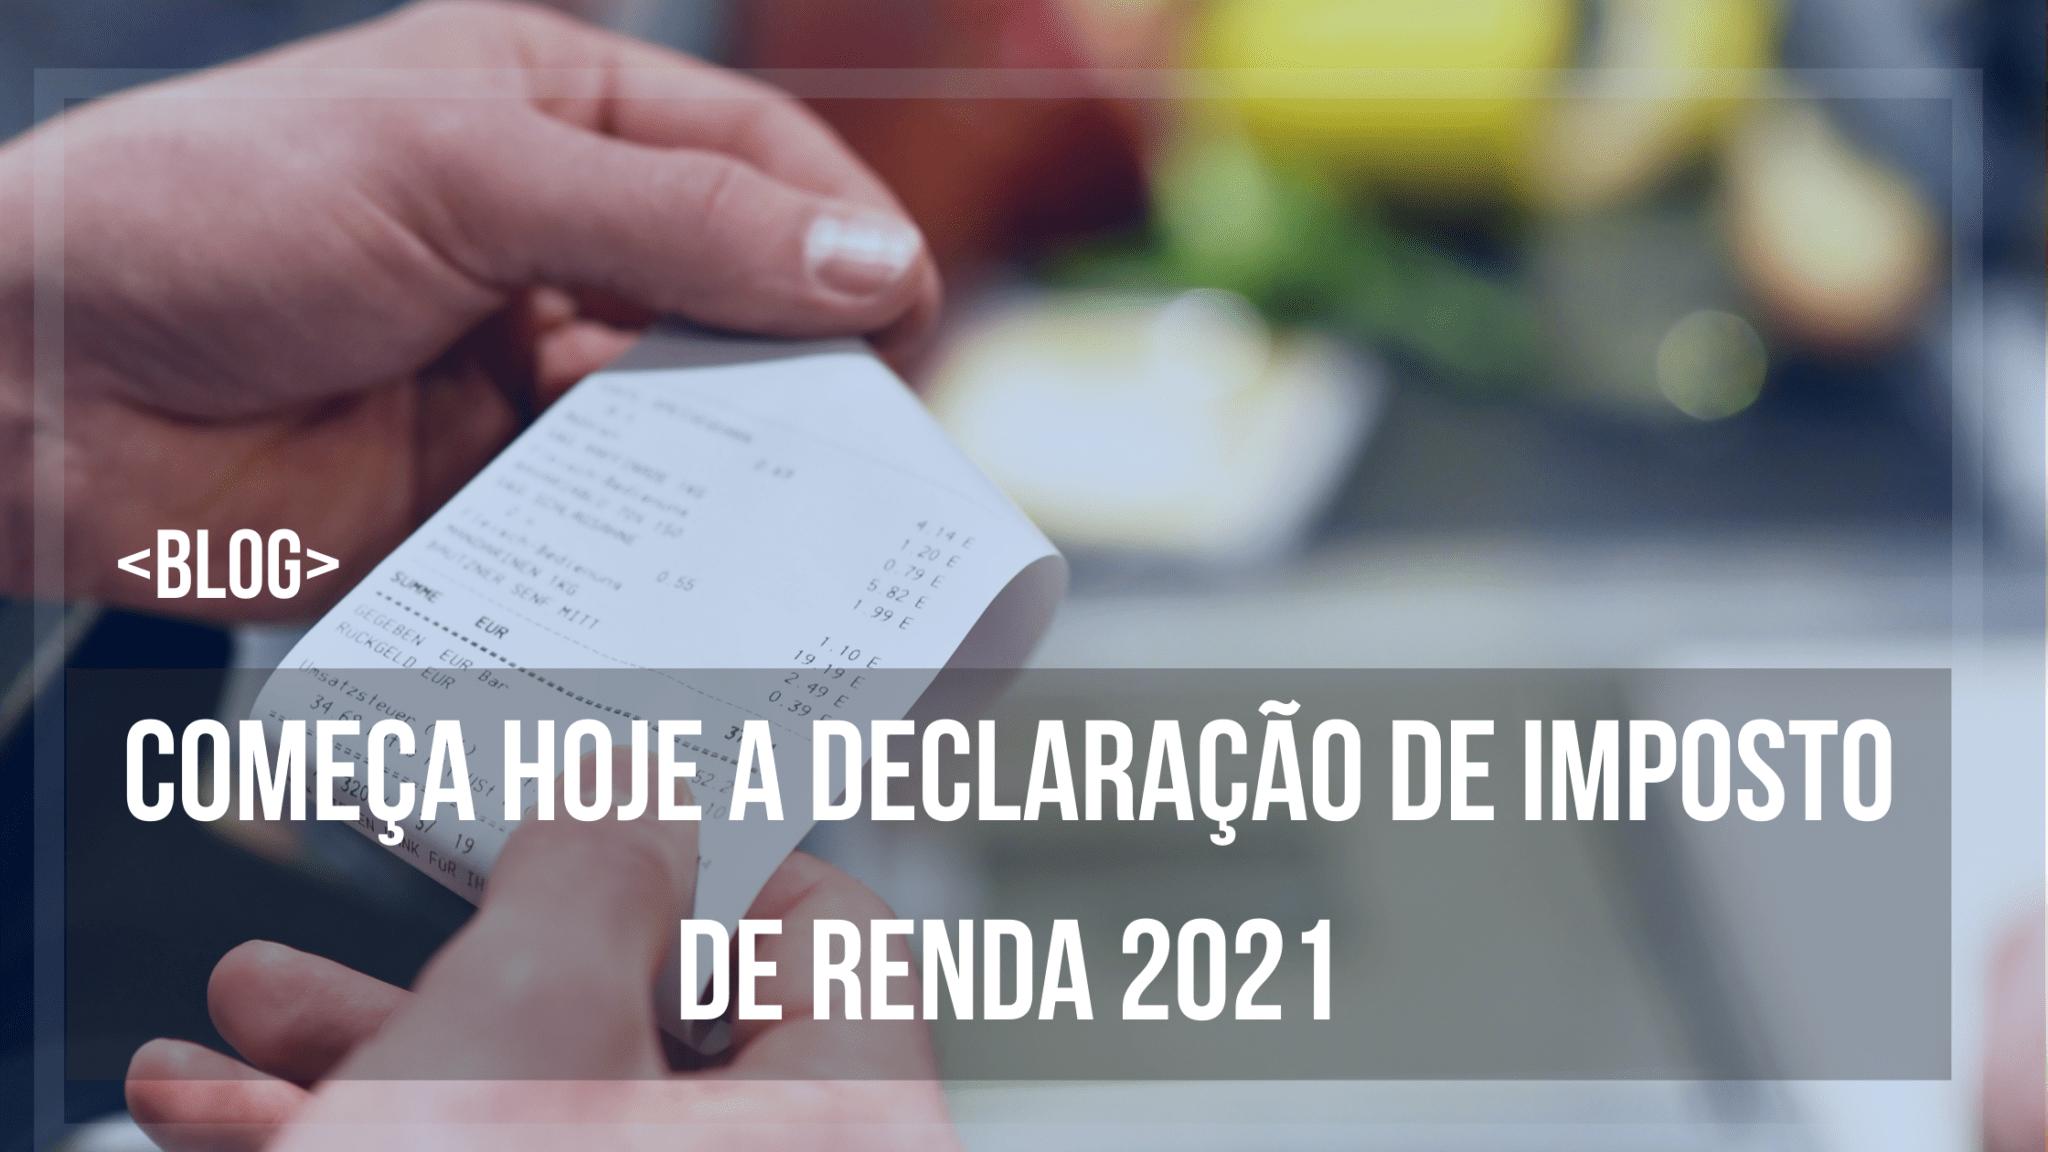 Começa hoje a declaração de Imposto de Renda 2021